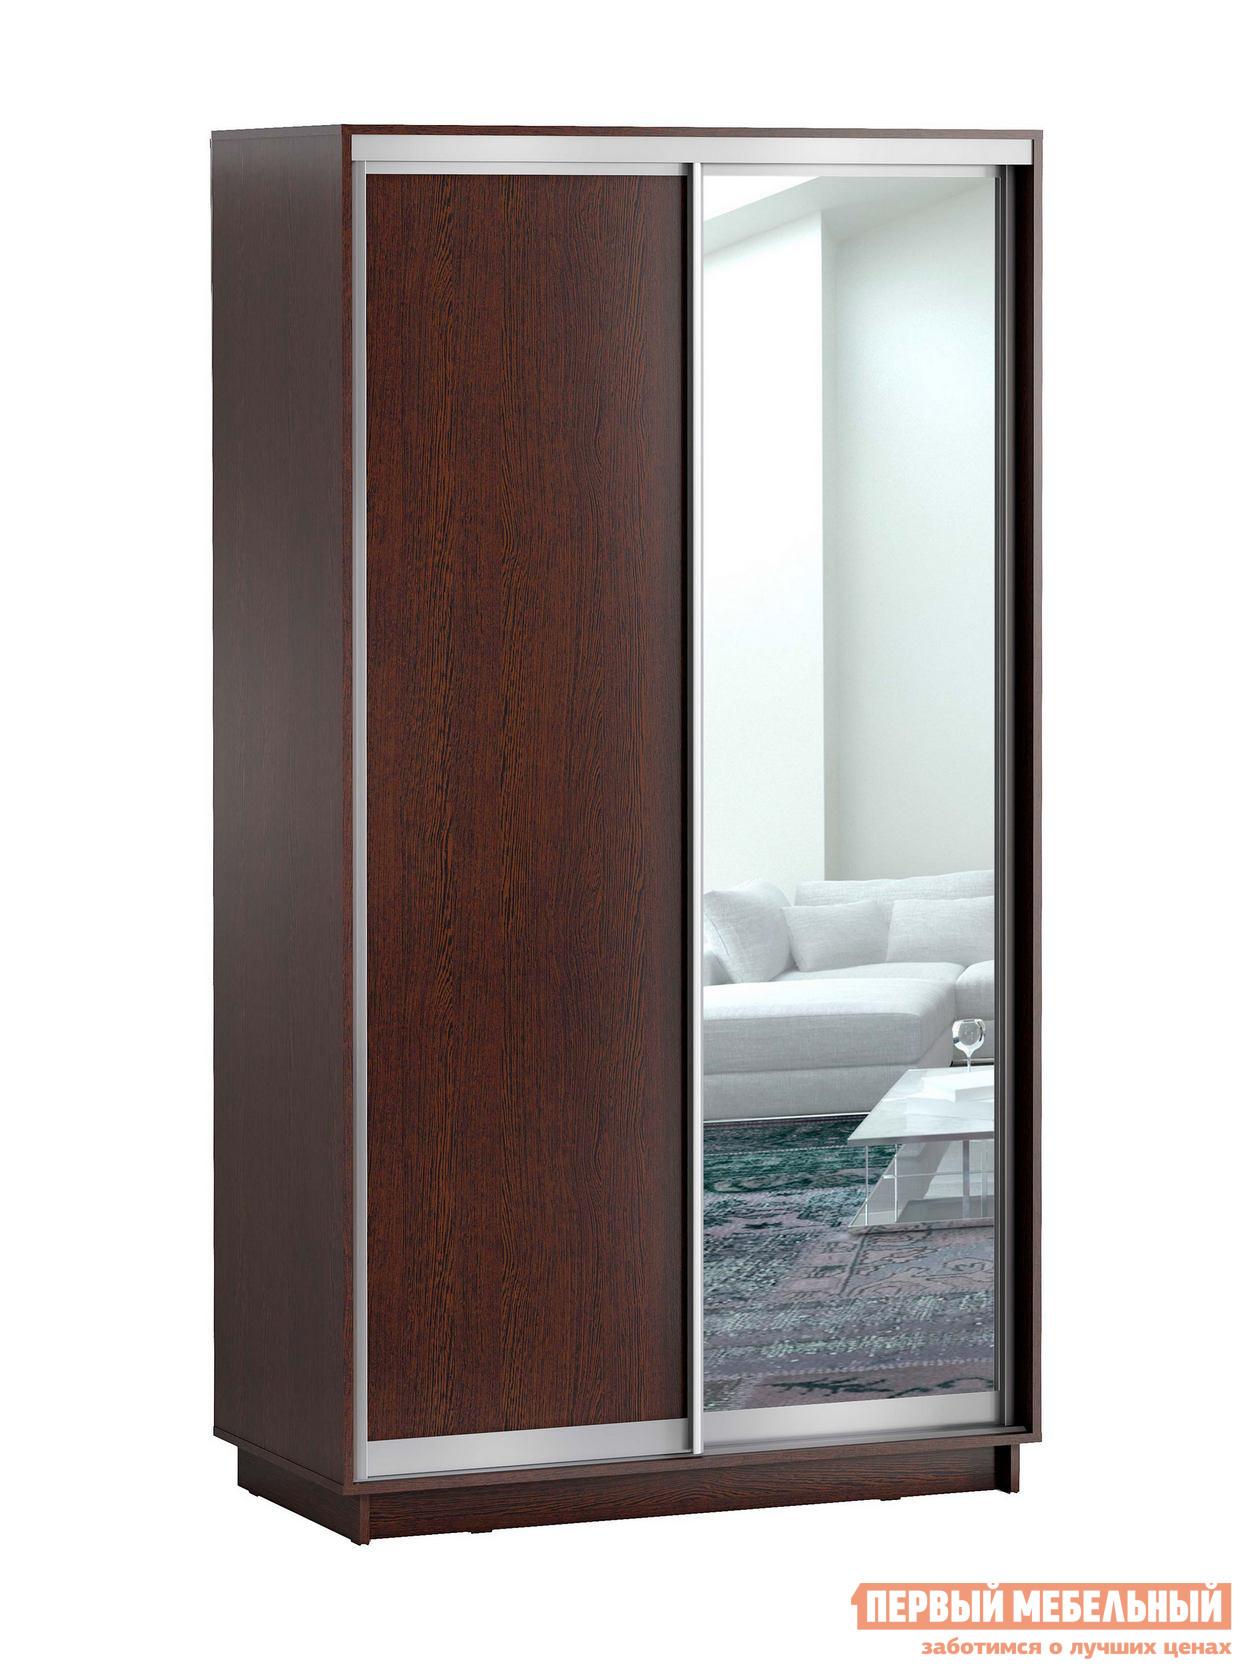 Шкаф-купе Первый Мебельный Шкаф купе Лео 2-х дверный с одним зеркалом шкаф купе первый мебельный шкаф купе комфорт 12 13 молния